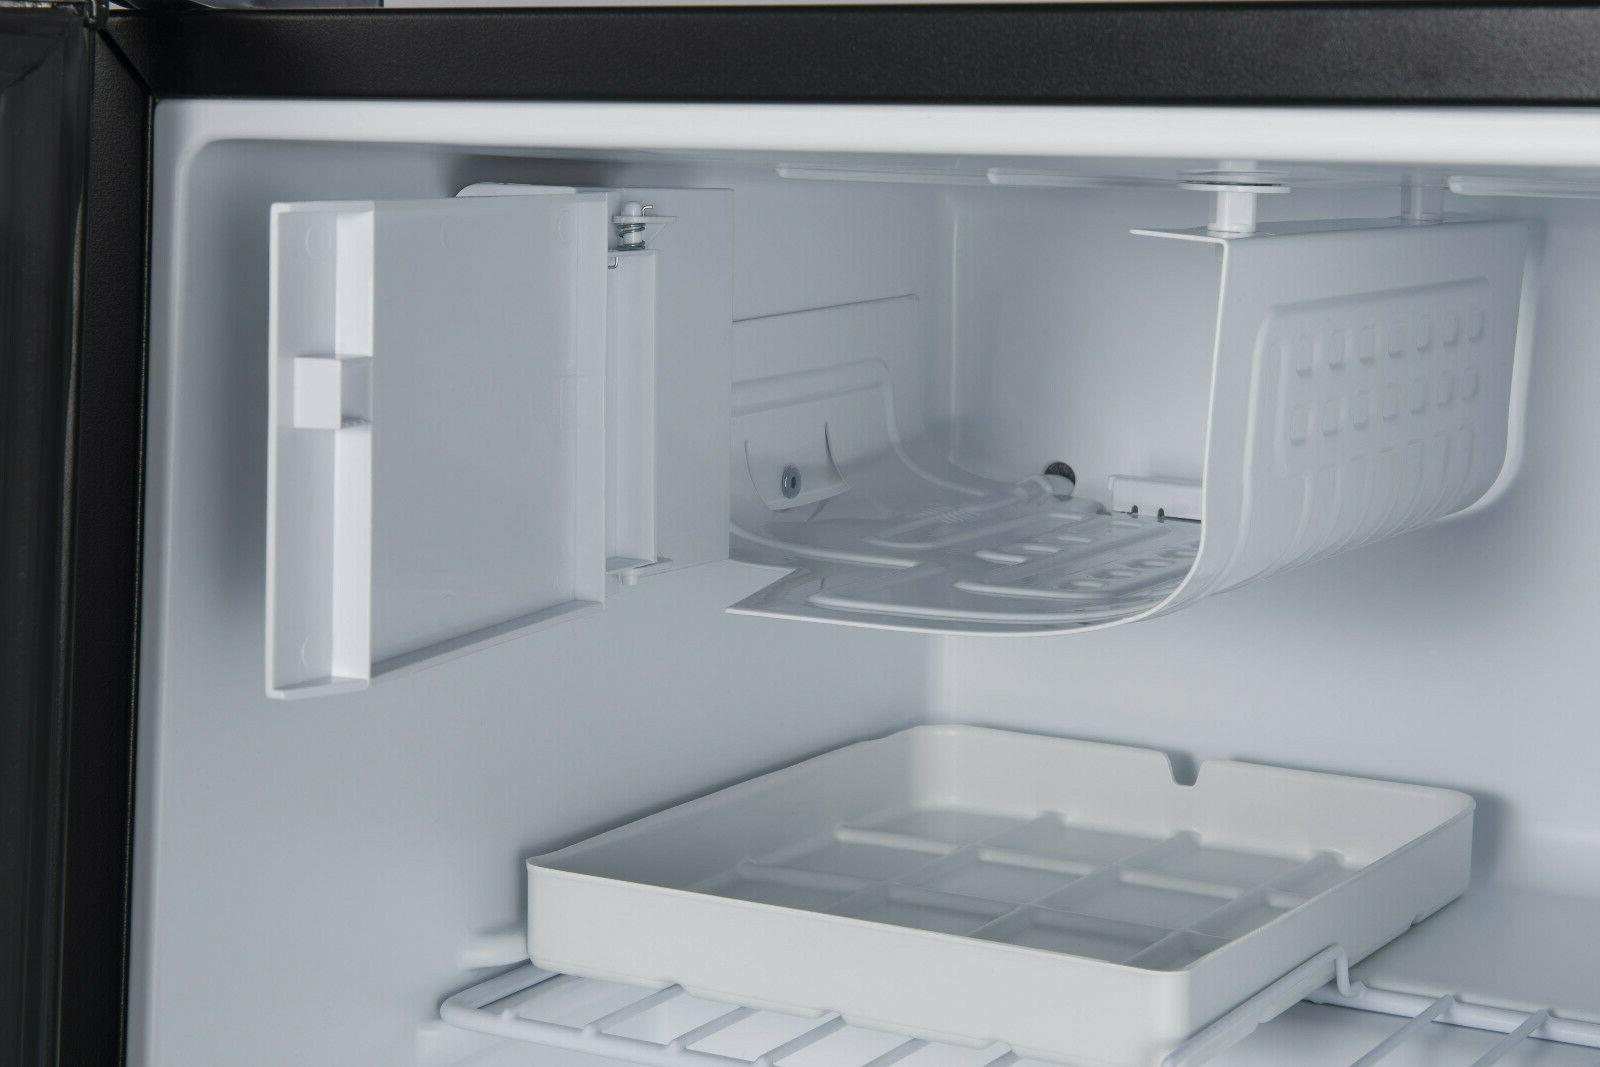 Mini Freezer Slide-Out Legs Door